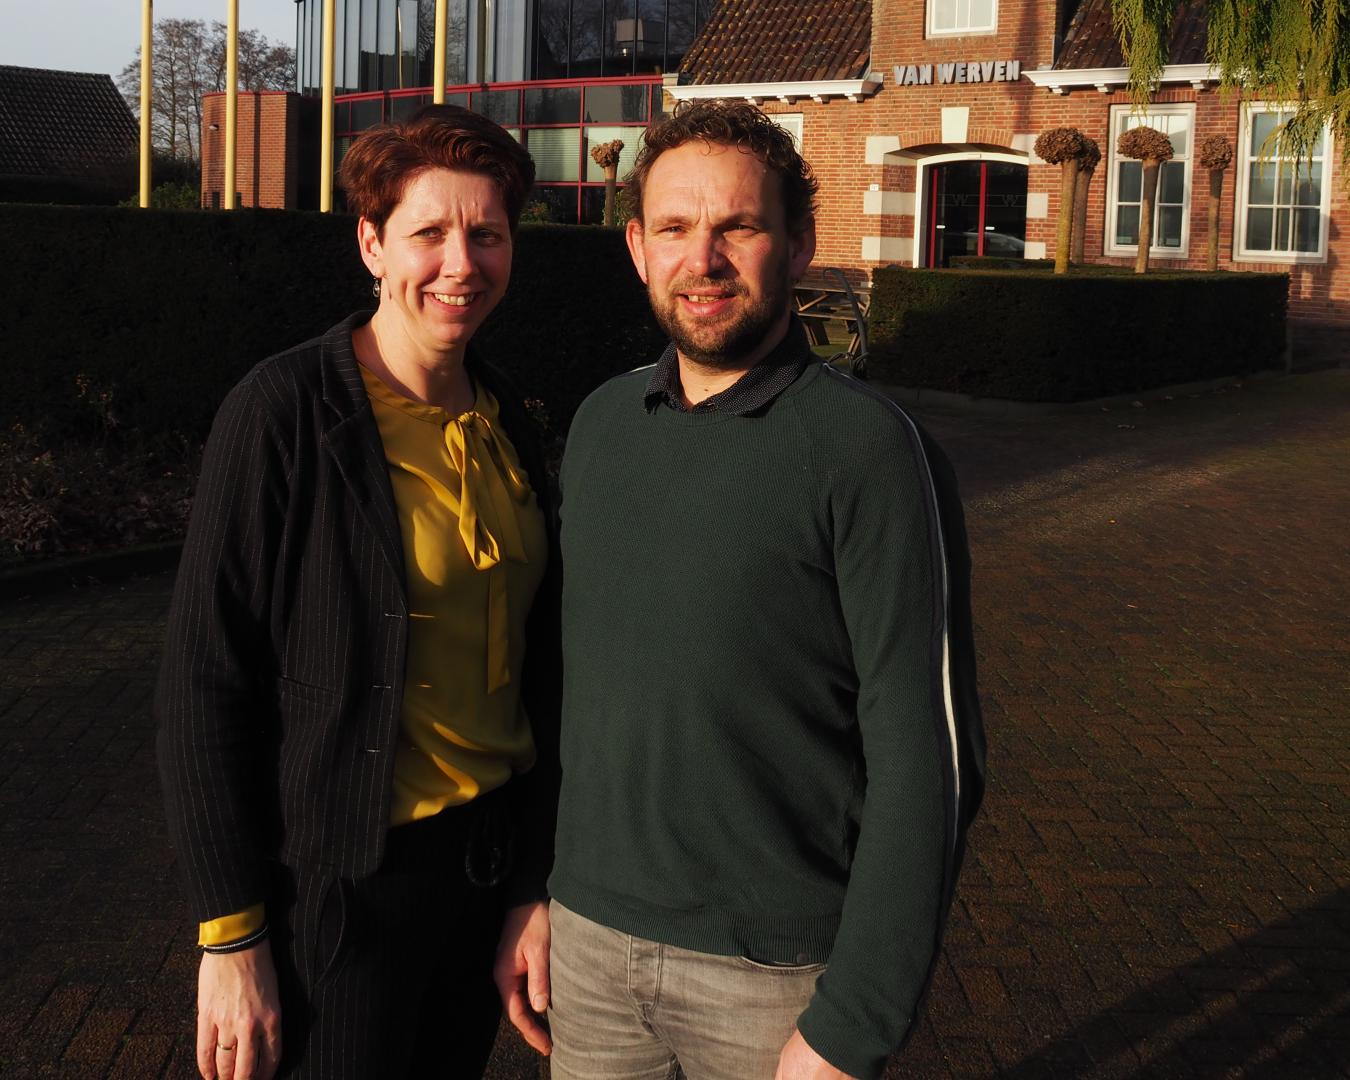 Keurmeester Van Werven en zijn vrouw vertellen over de passie voor pleegzorg